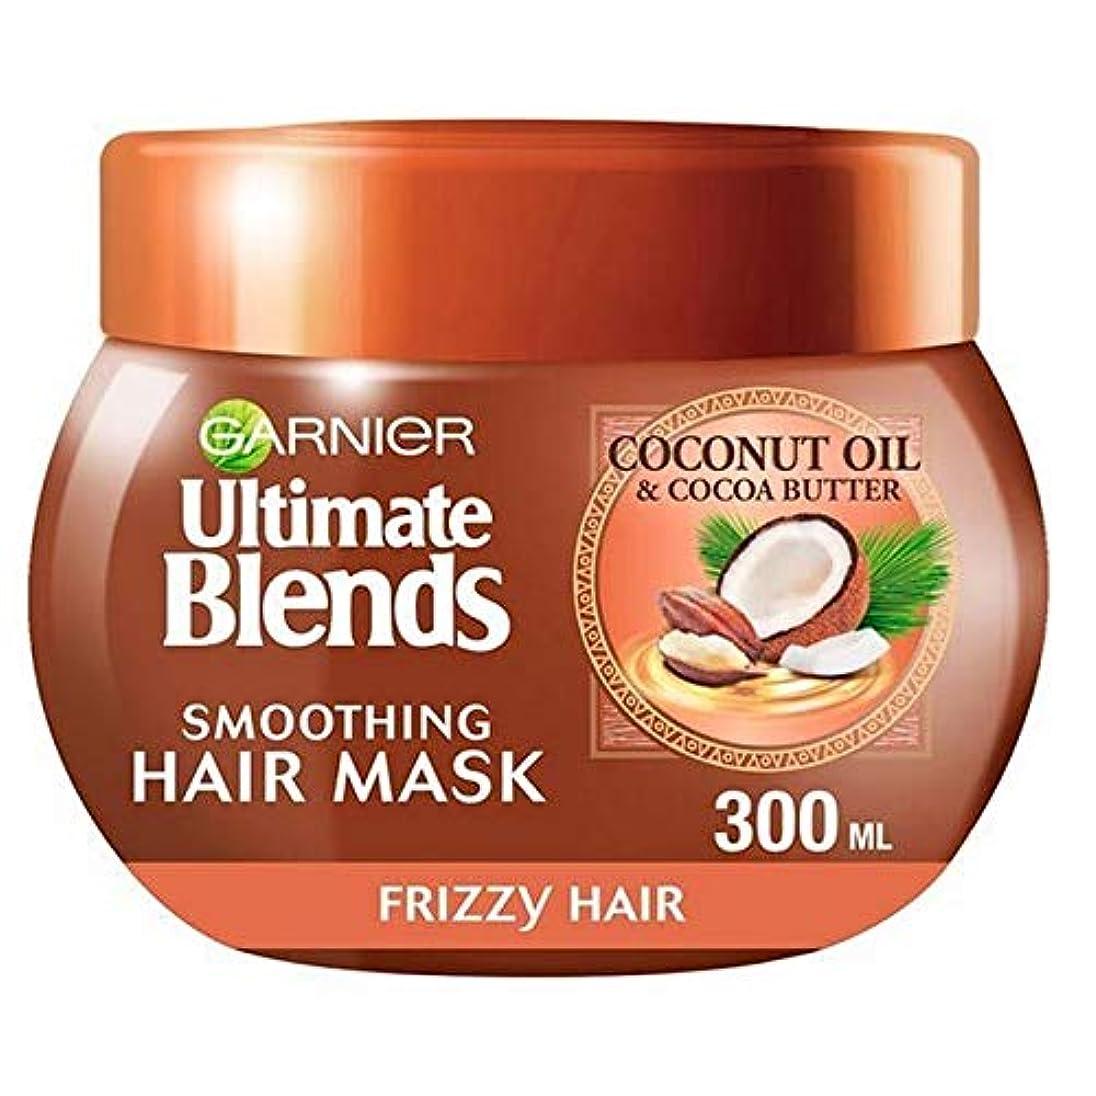 主張する球状ランチョン[Garnier ] 究極のブレンドココナッツオイル縮れた毛のマスク300ミリリットル - Ultimate Blends Coconut Oil Frizzy Hair Mask 300ml [並行輸入品]